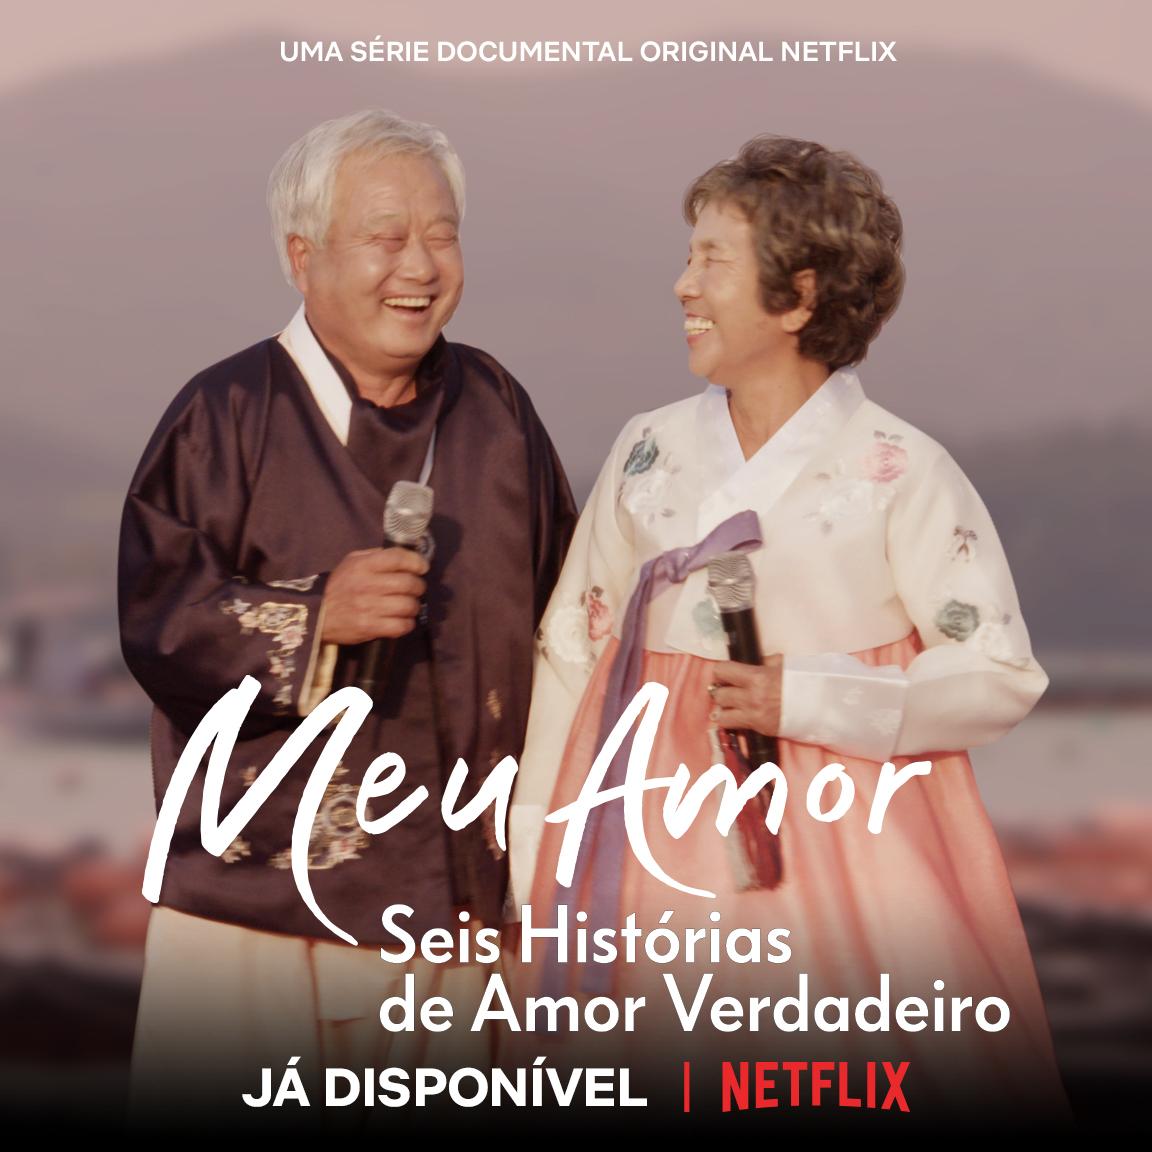 Meu Amor - Seis Histórias de Amor Verdadeiro  Nova série documental da Netflix